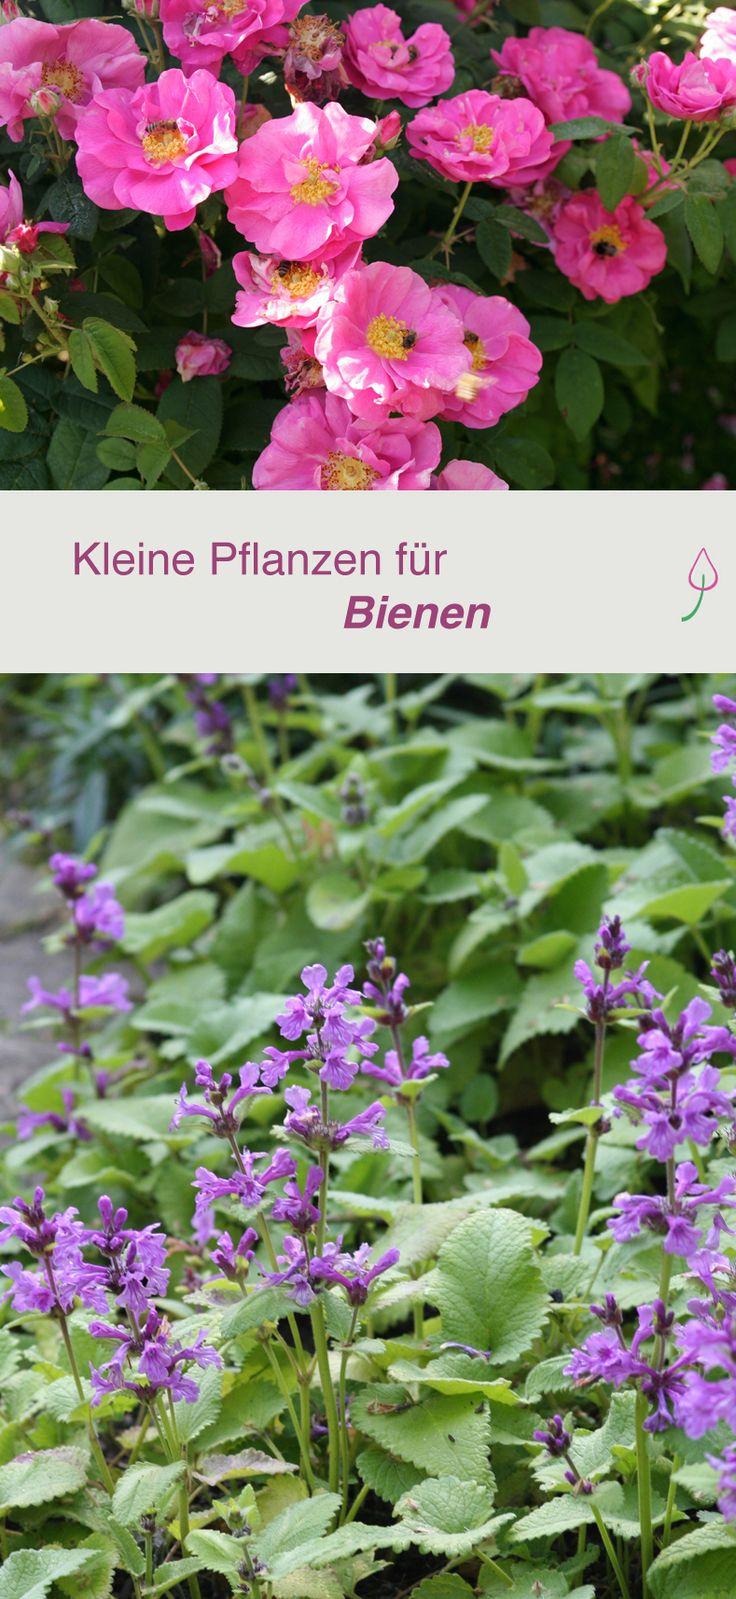 Kleine bienenfreundliche Pflanzen, die Bienen lieben und die in jeden Garten, auf jede Terrasse oder Balkon passen.